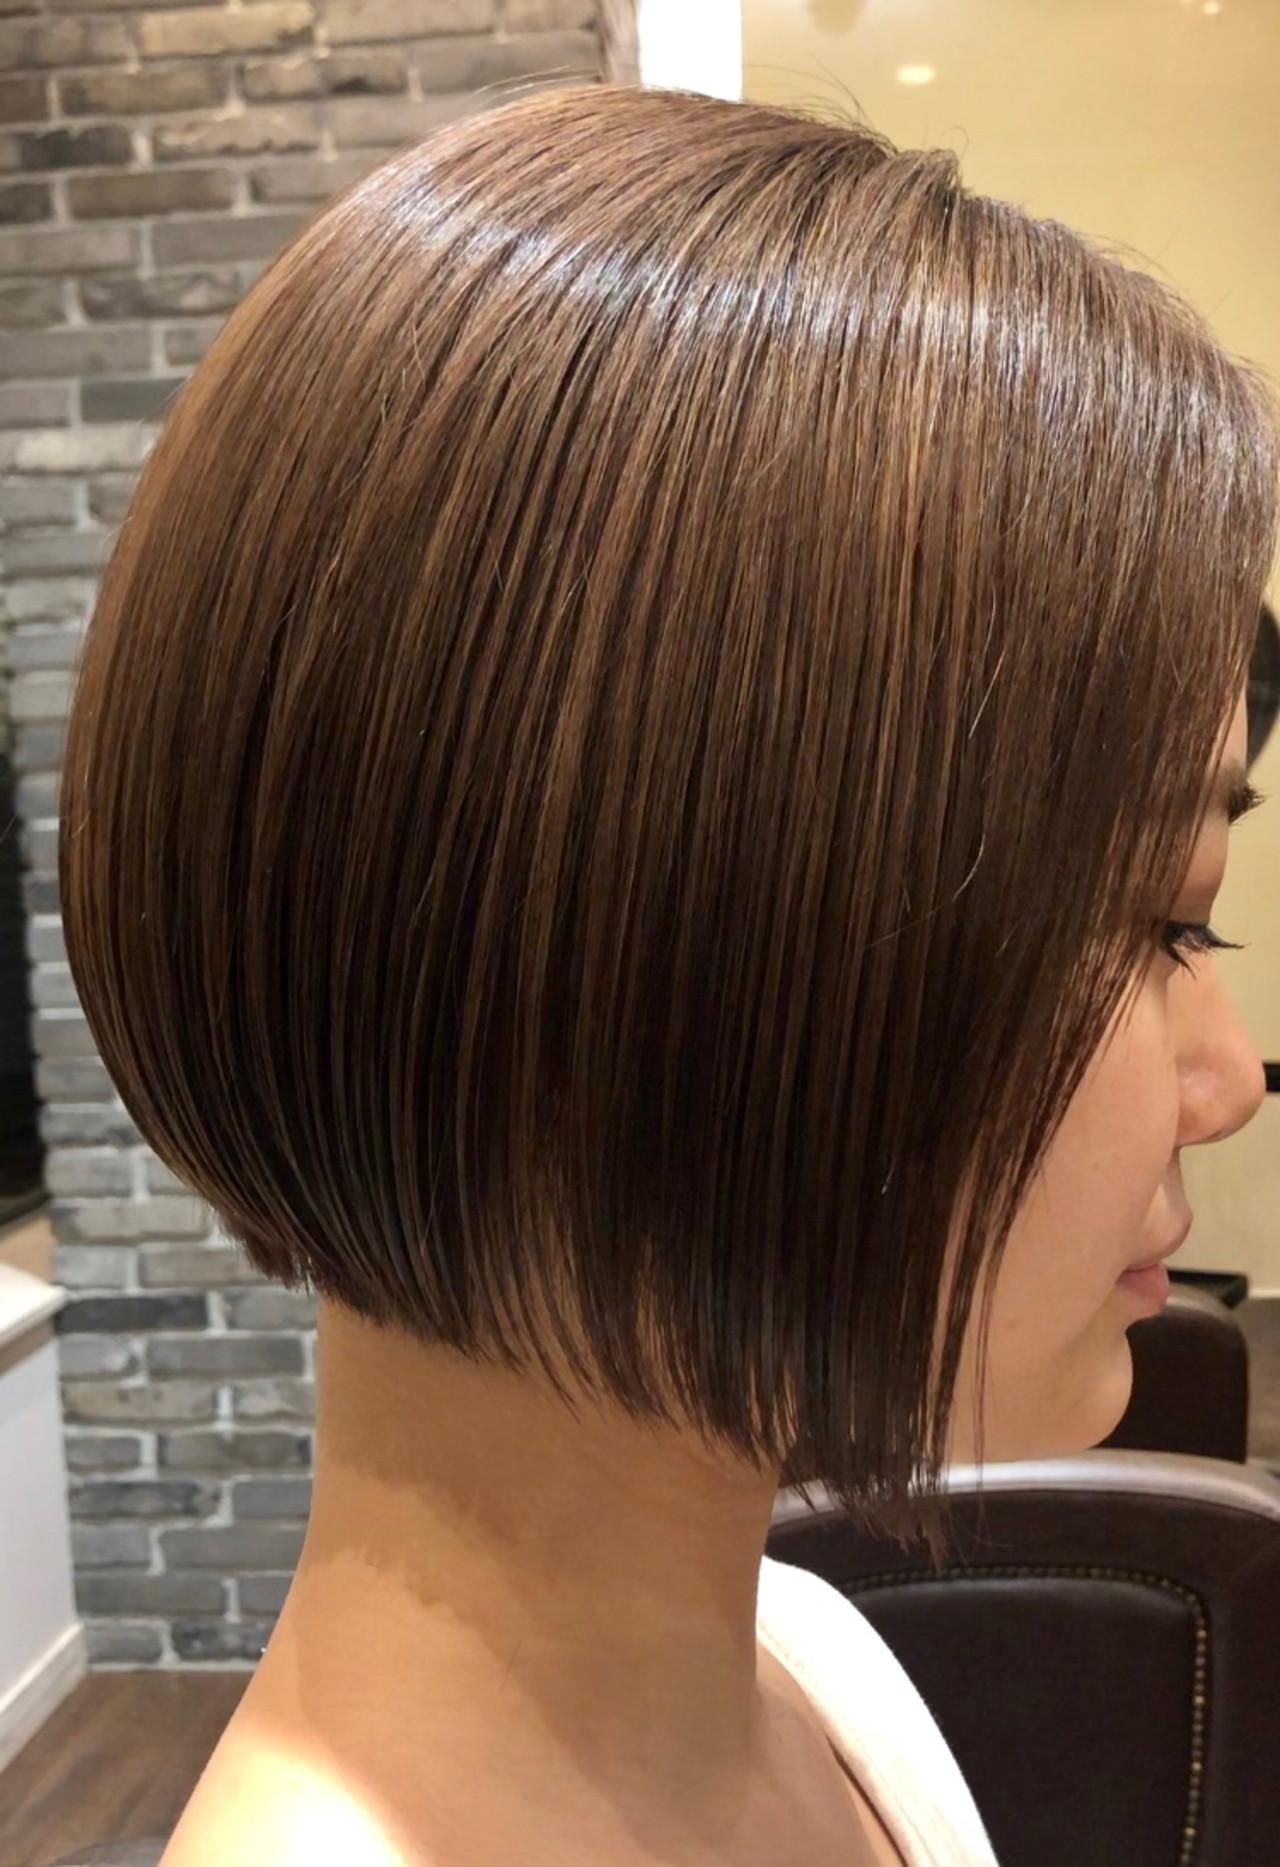 前下がりボブ グラデーションボブ ショートボブ ミニボブ ヘアスタイルや髪型の写真・画像 | hayase (ヨシモトハヤセ) / Nove Lina